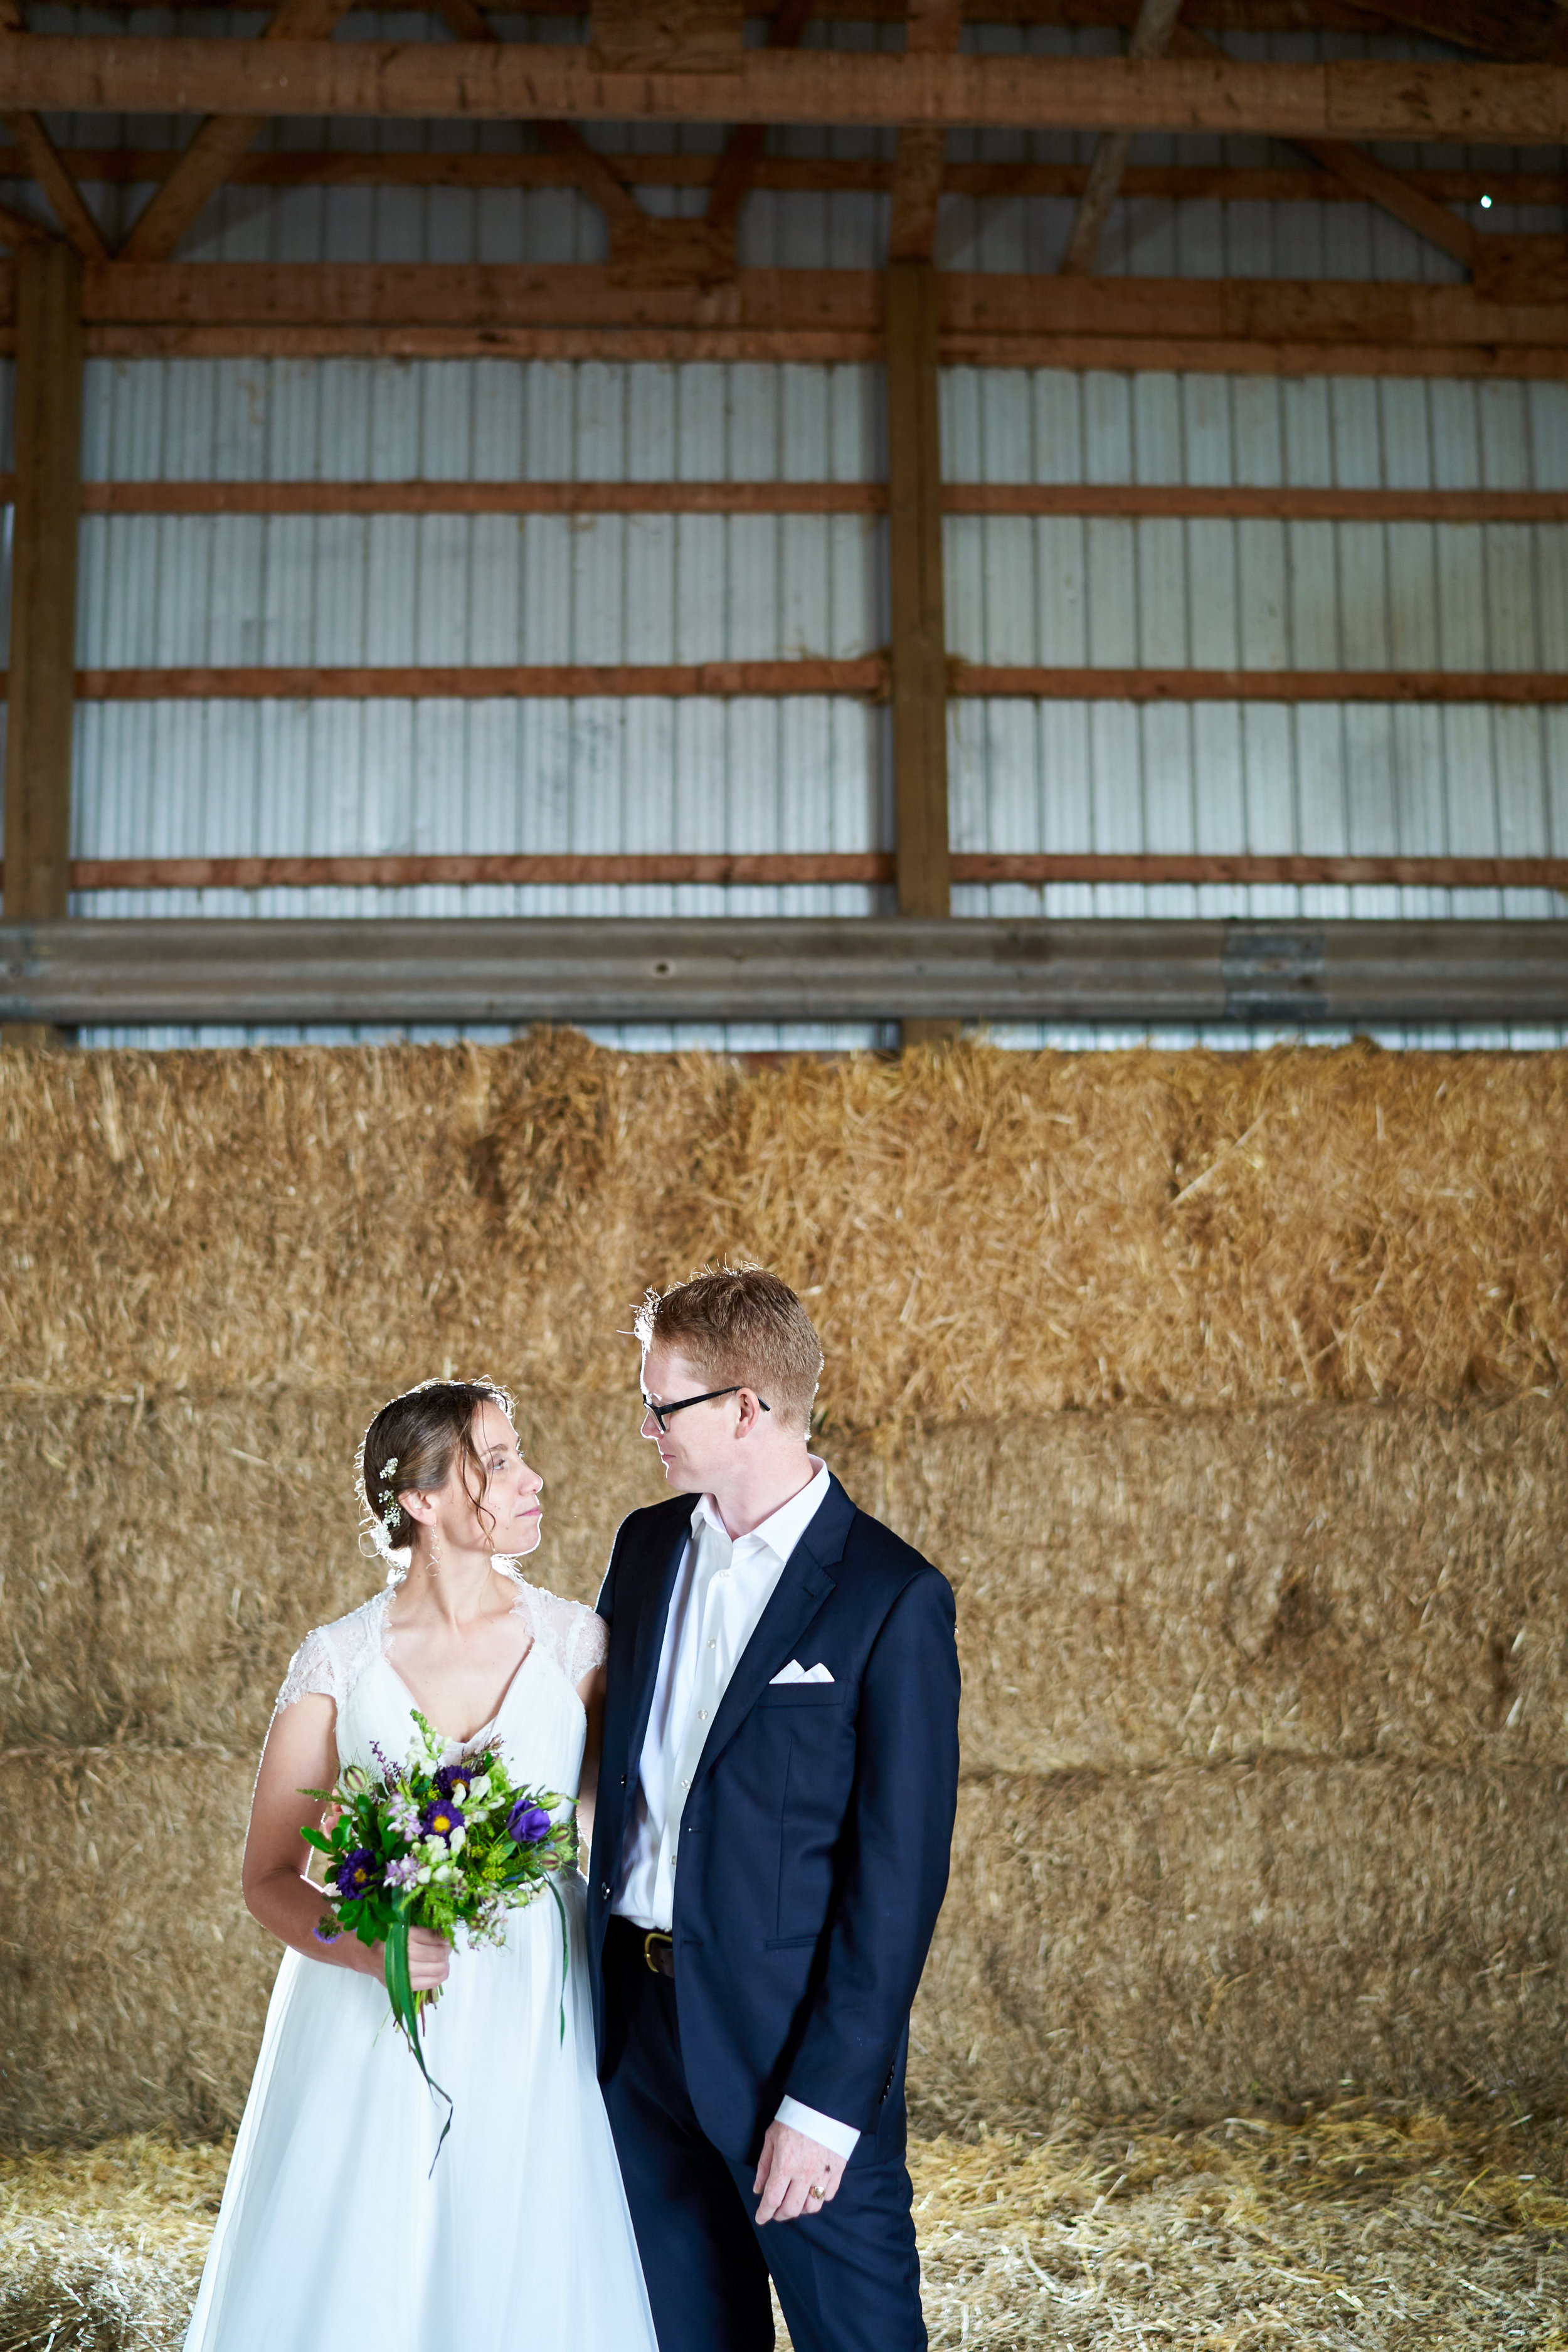 Amy-Lee & James' Wedding 461.jpg